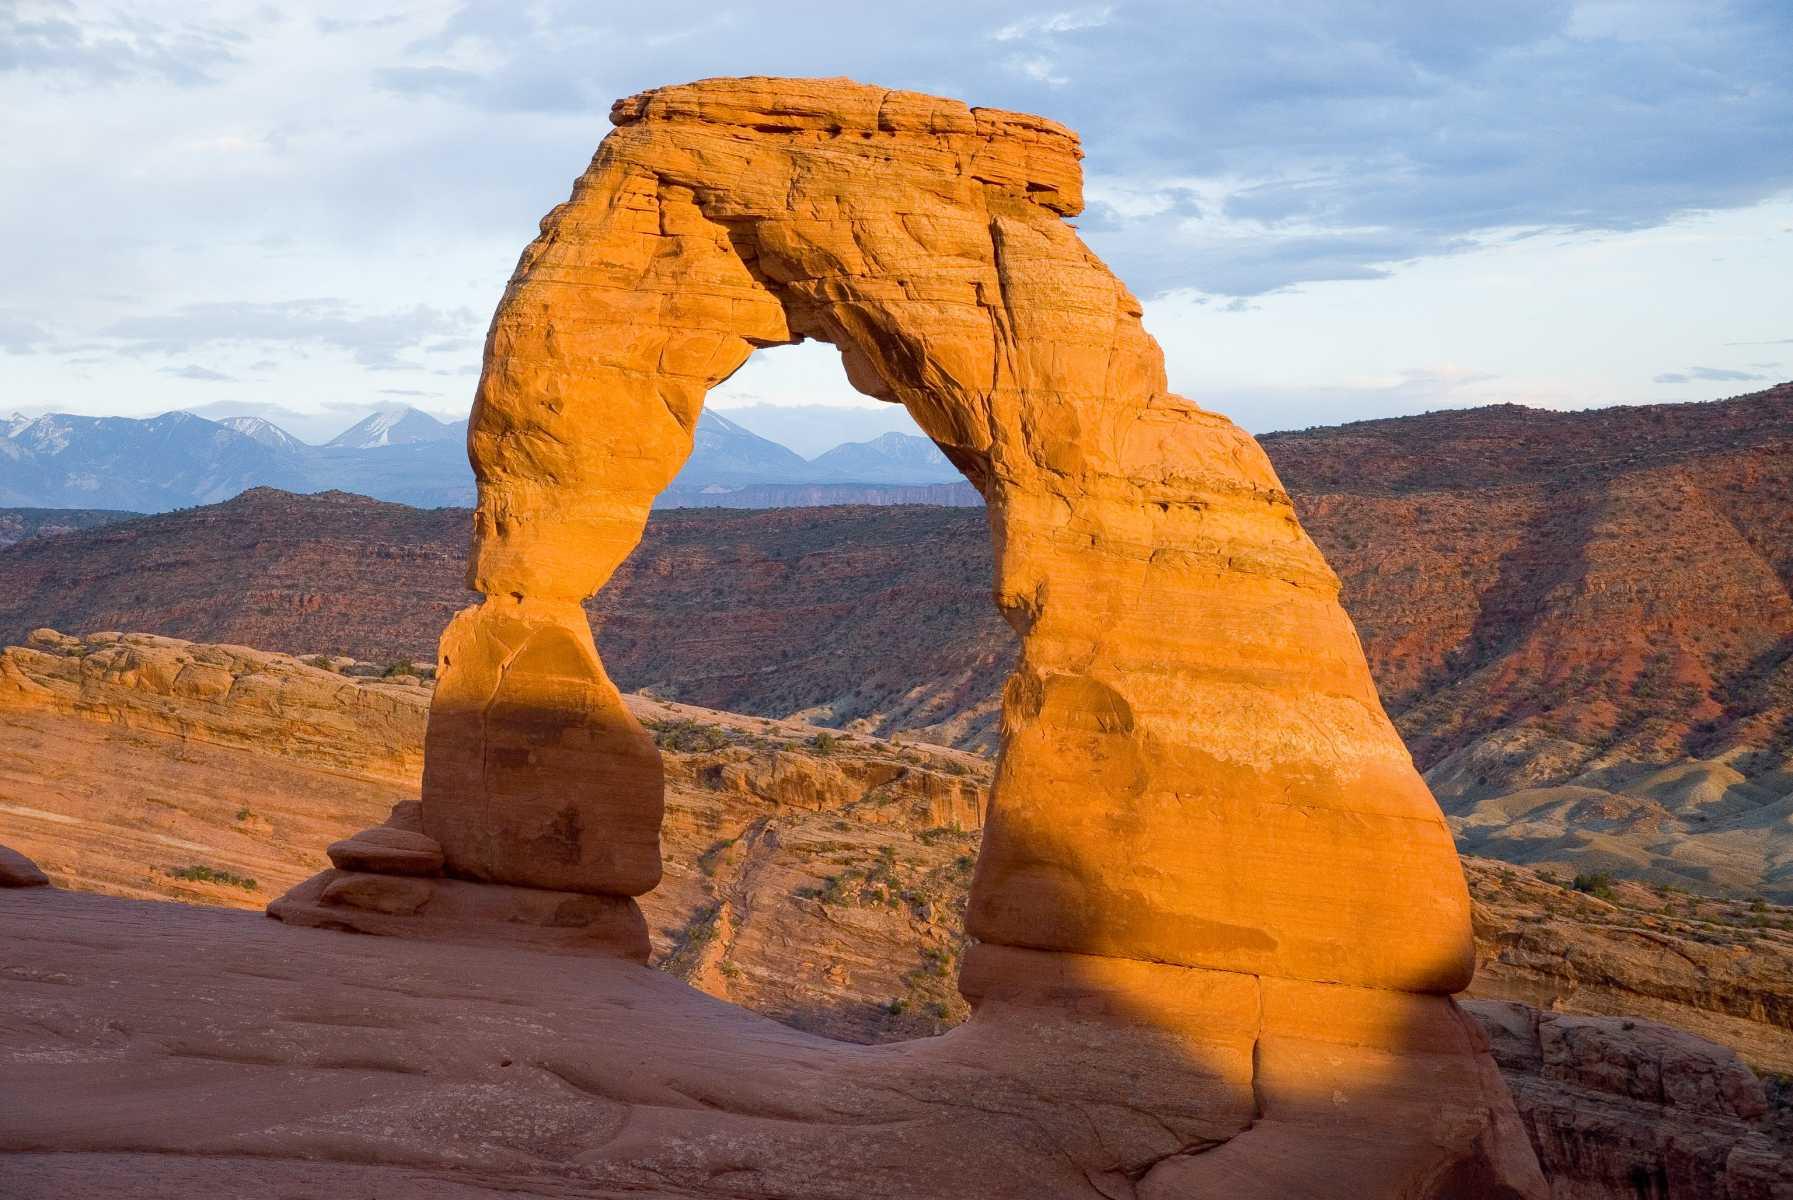 Etats-unis - Parcs de l'Utah - Star de Arches National Park, Delicate Arch orne les plaques d'immatriculation de toutes les voitures en Utah.